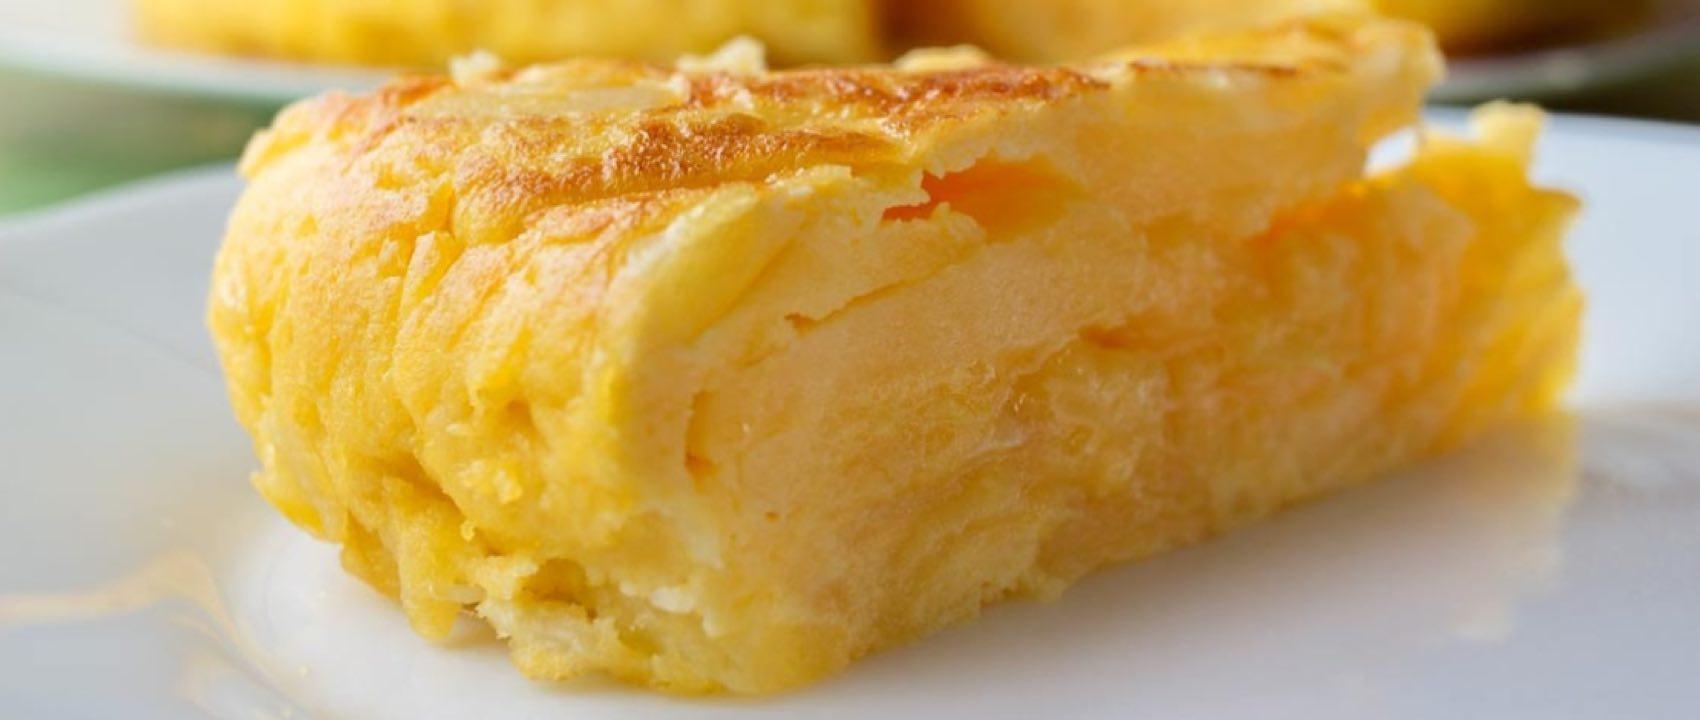 Tortilla er laget av egg, poteter og olivenolje, og ganske sikkert også løk.